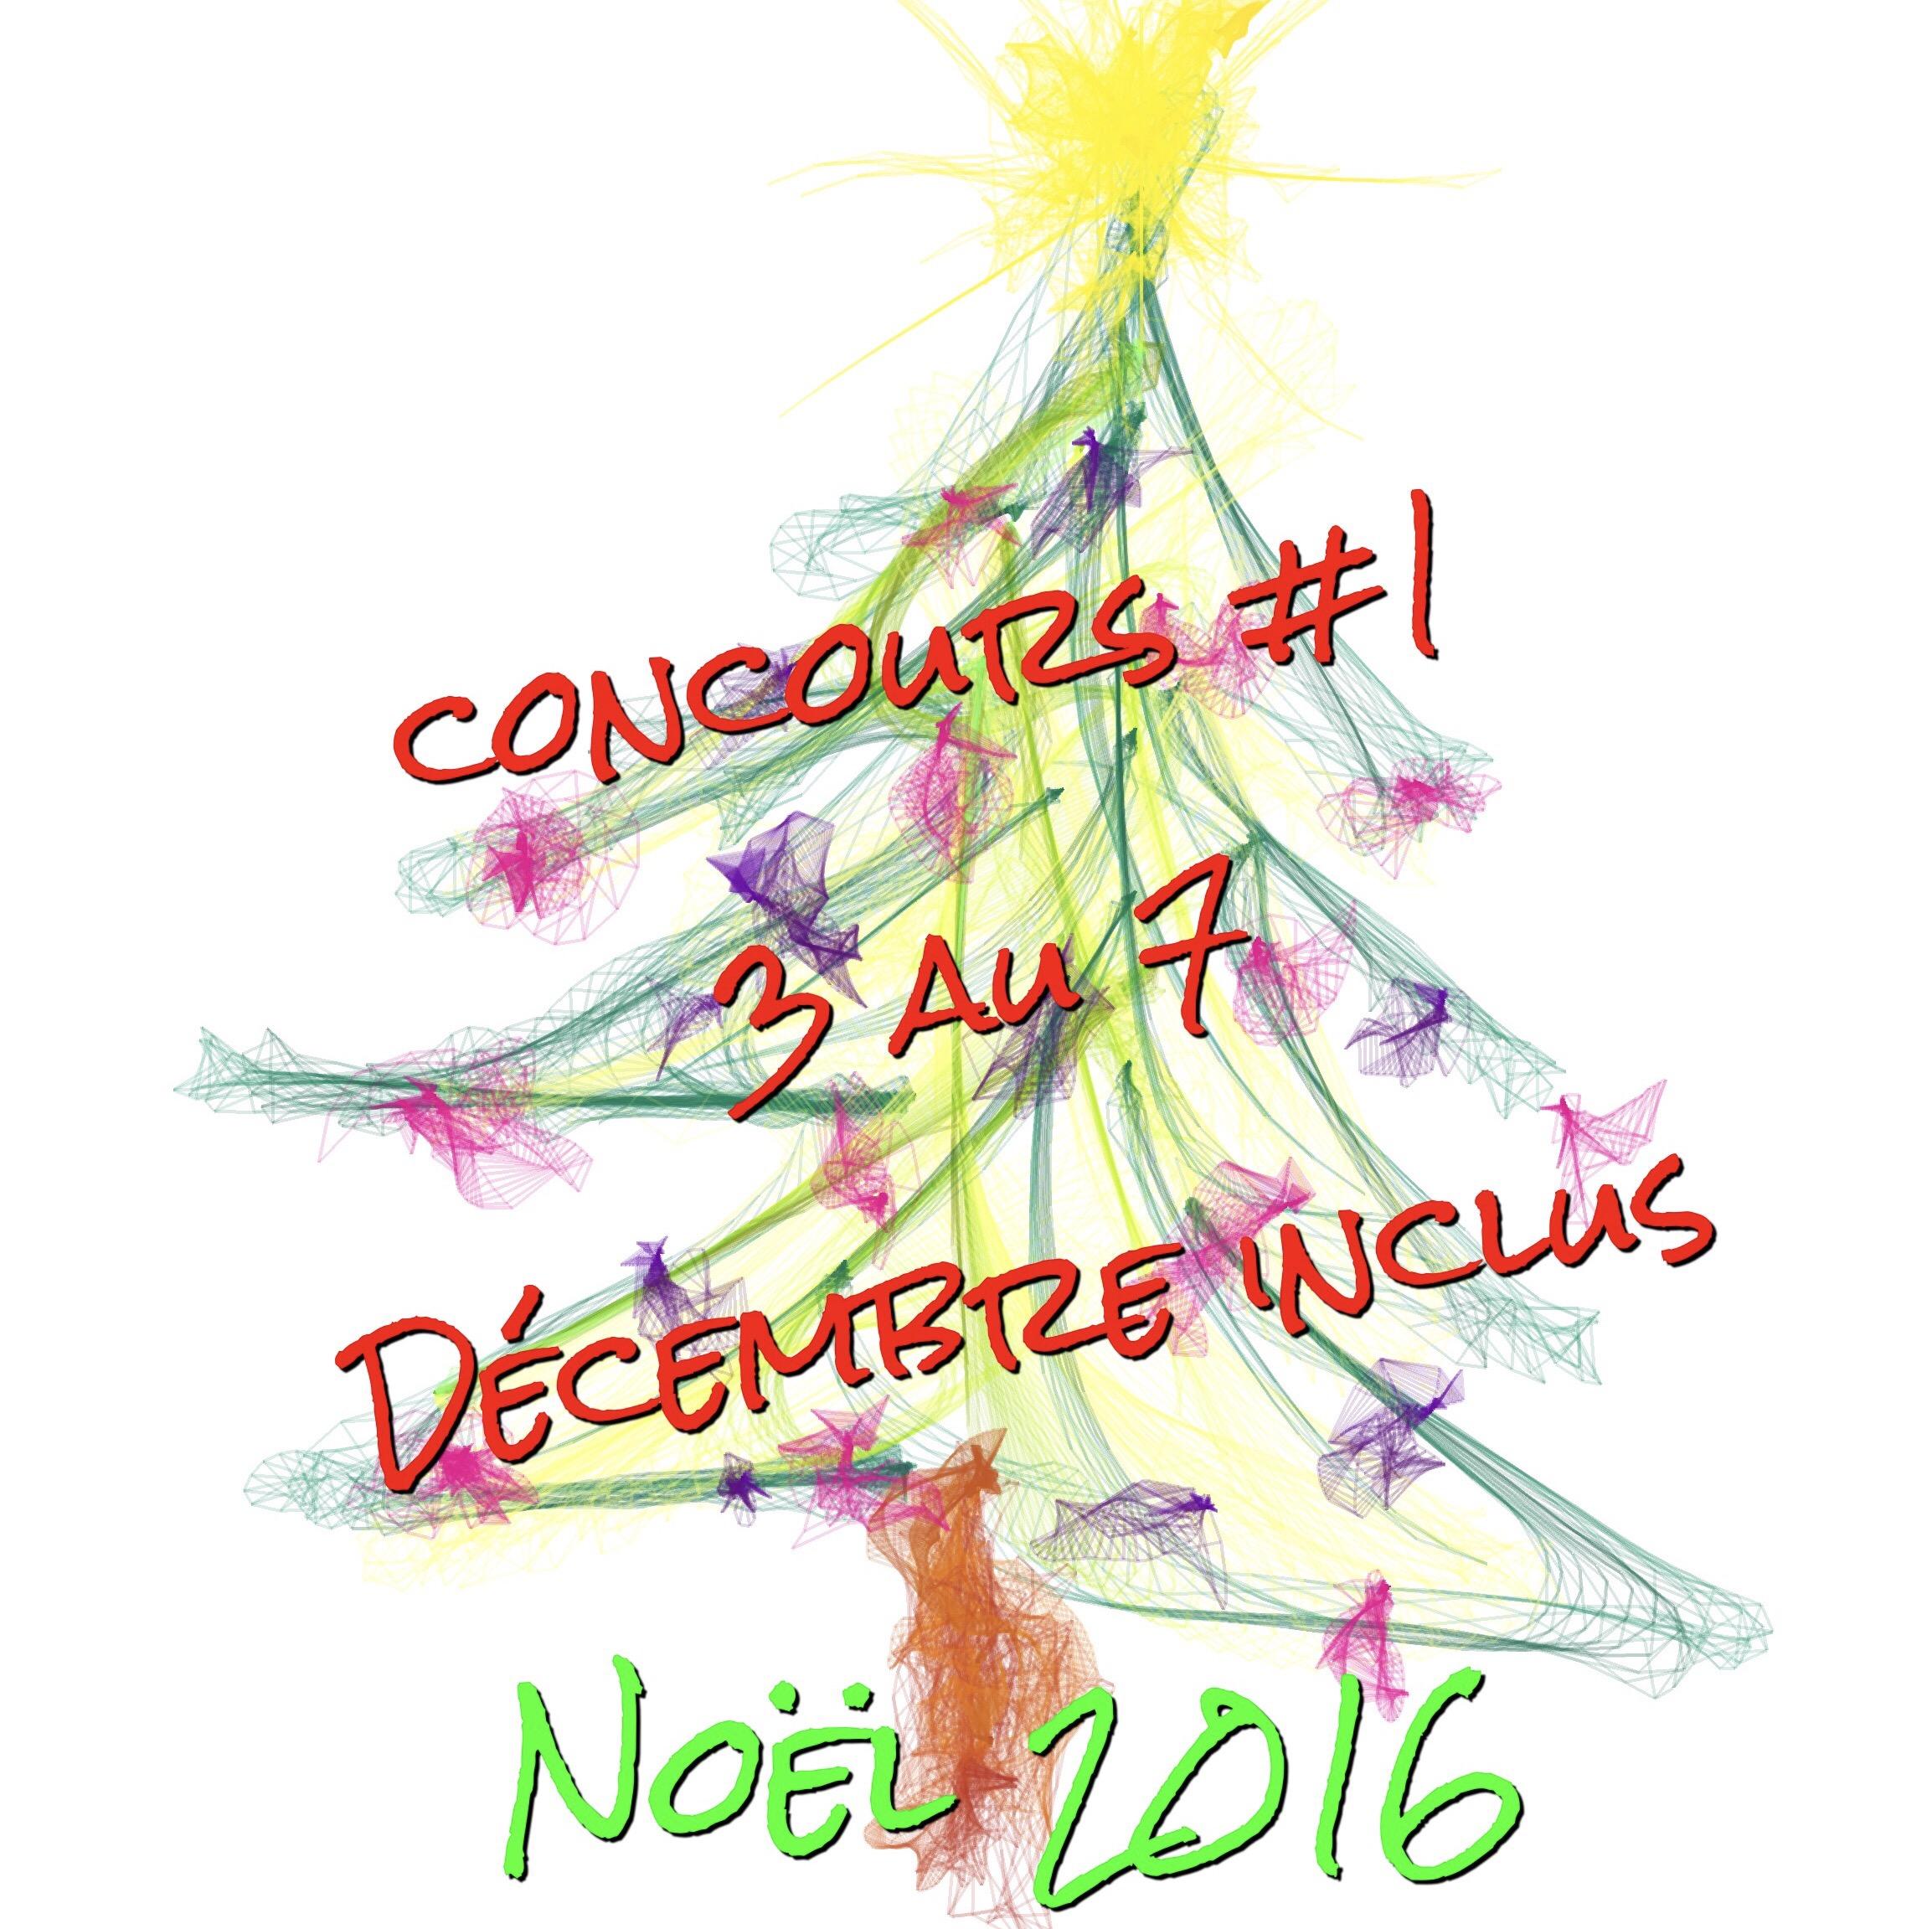 Les concours de noël 2016: «objectif 1000» #1, du 3 au 7 Décembre 2016 [concours inside terminé]